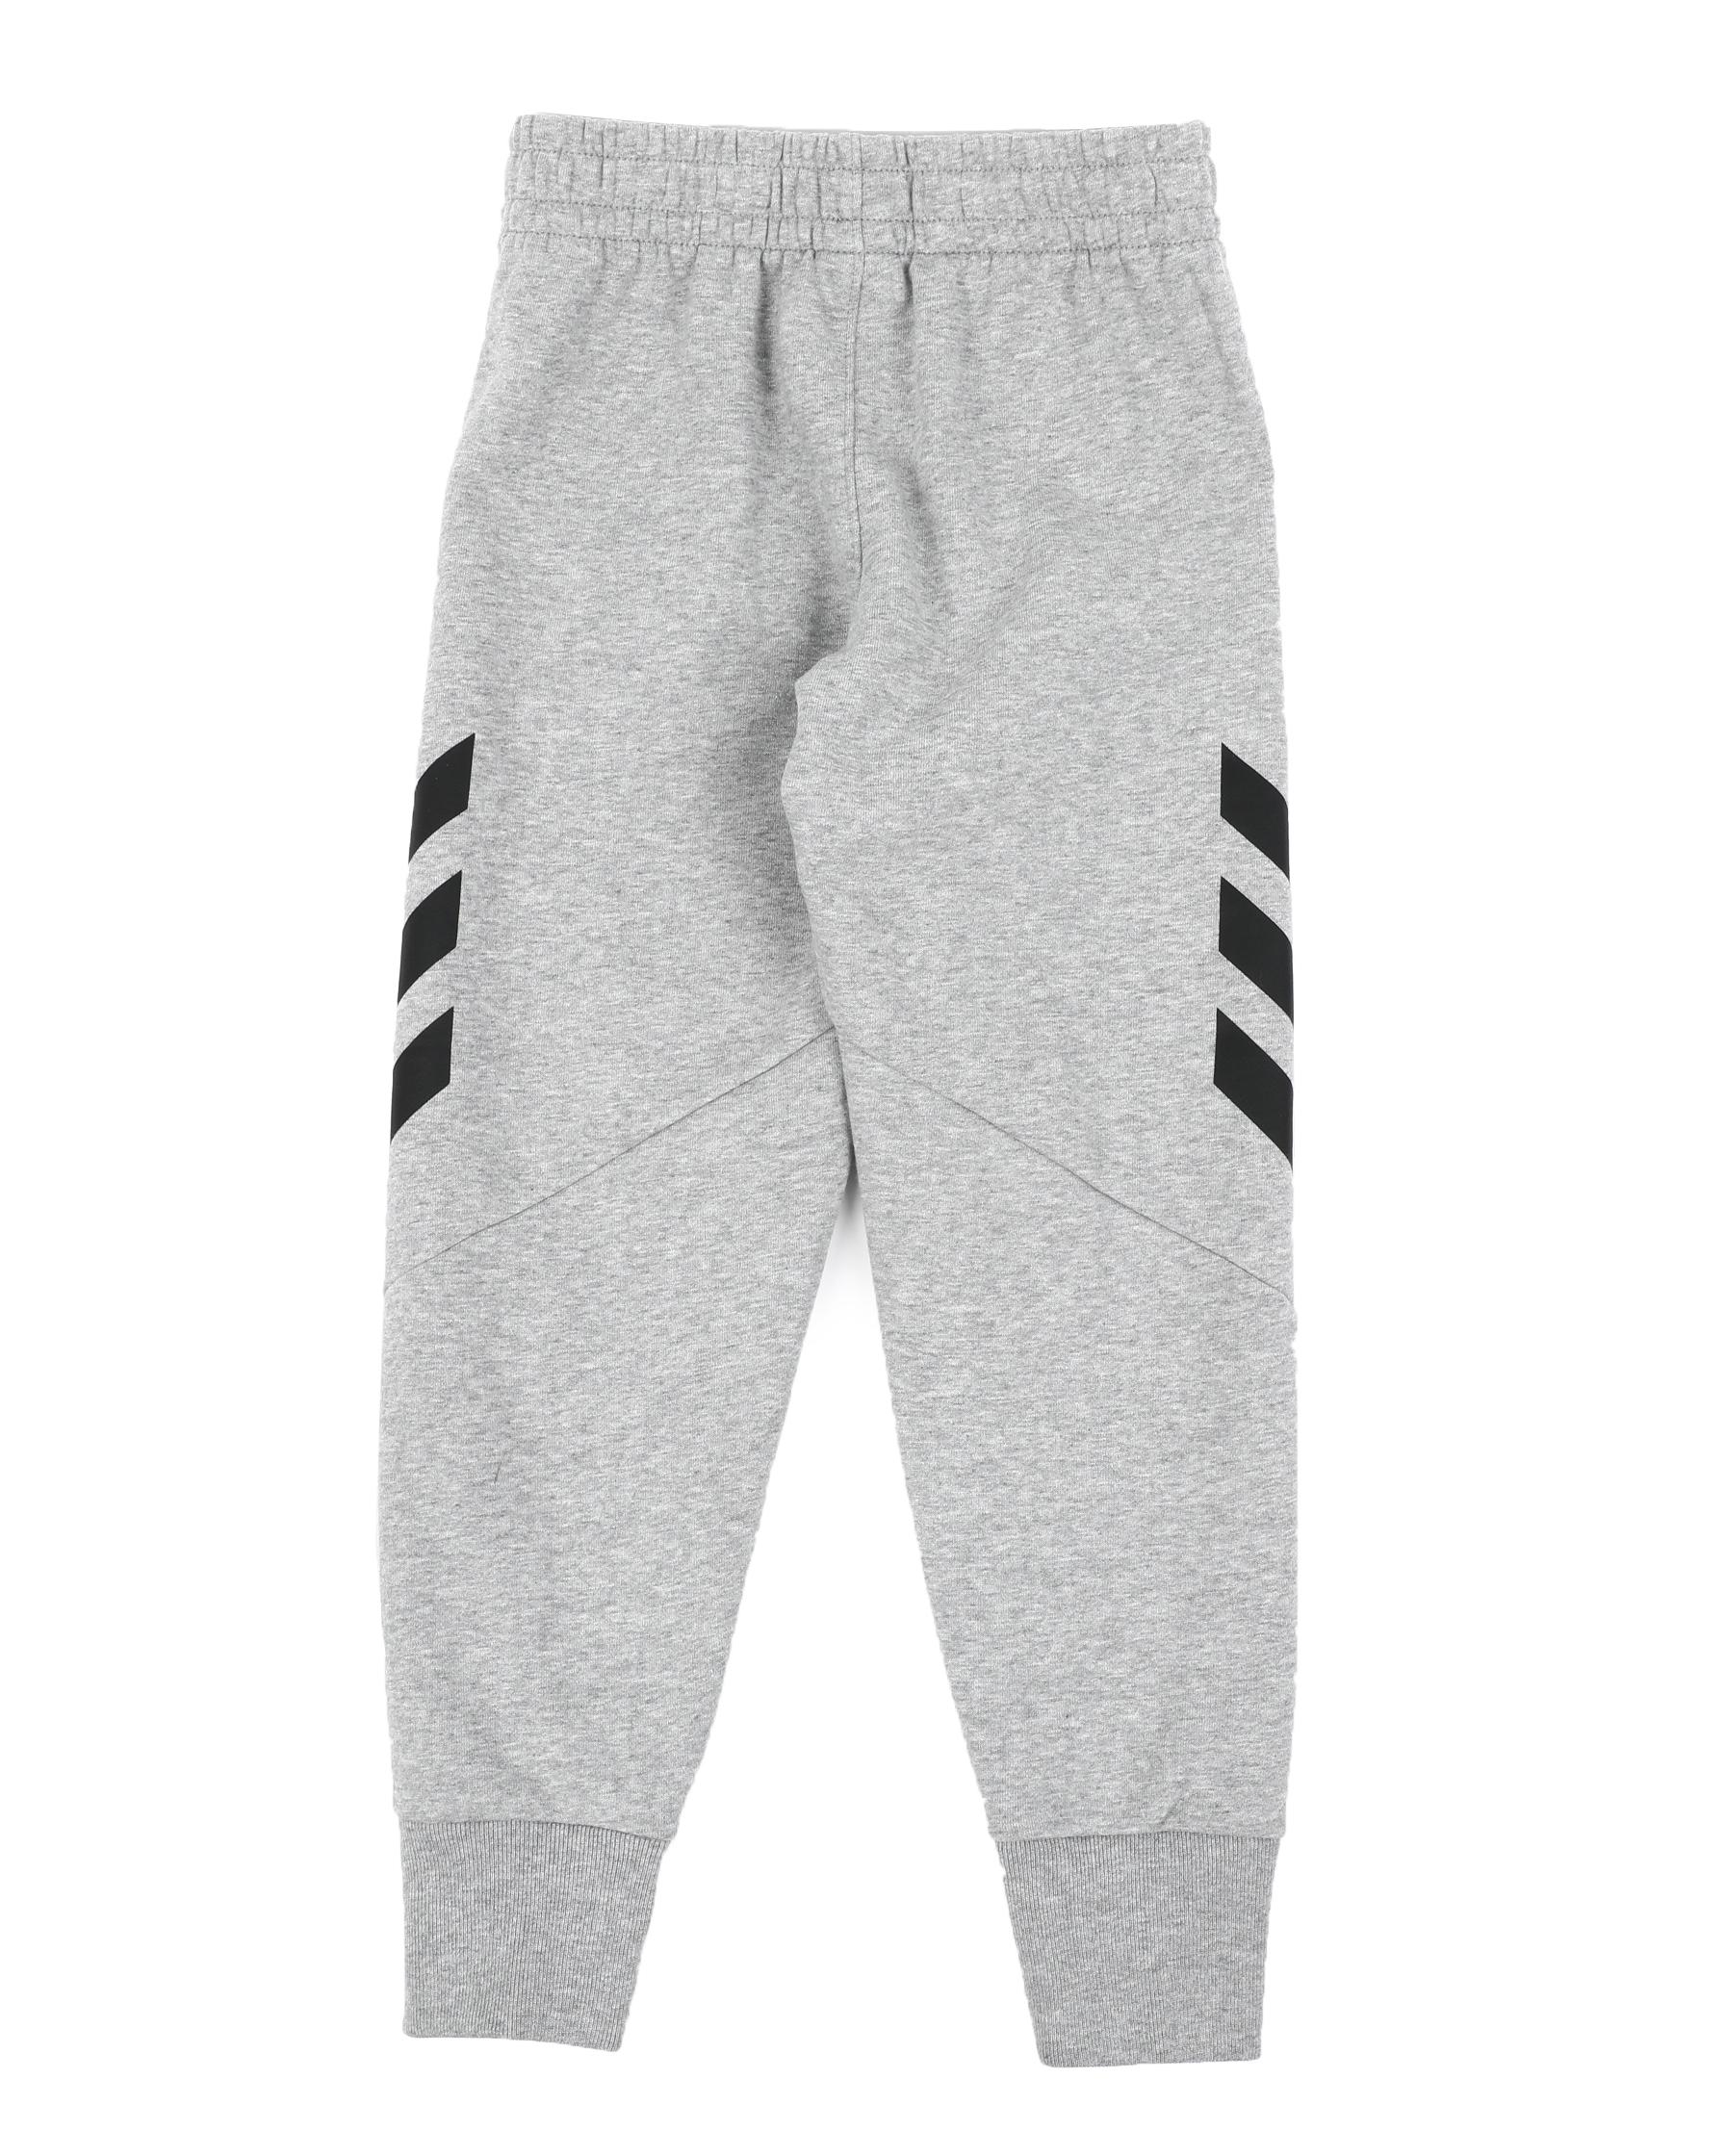 adidas fleece bottoms